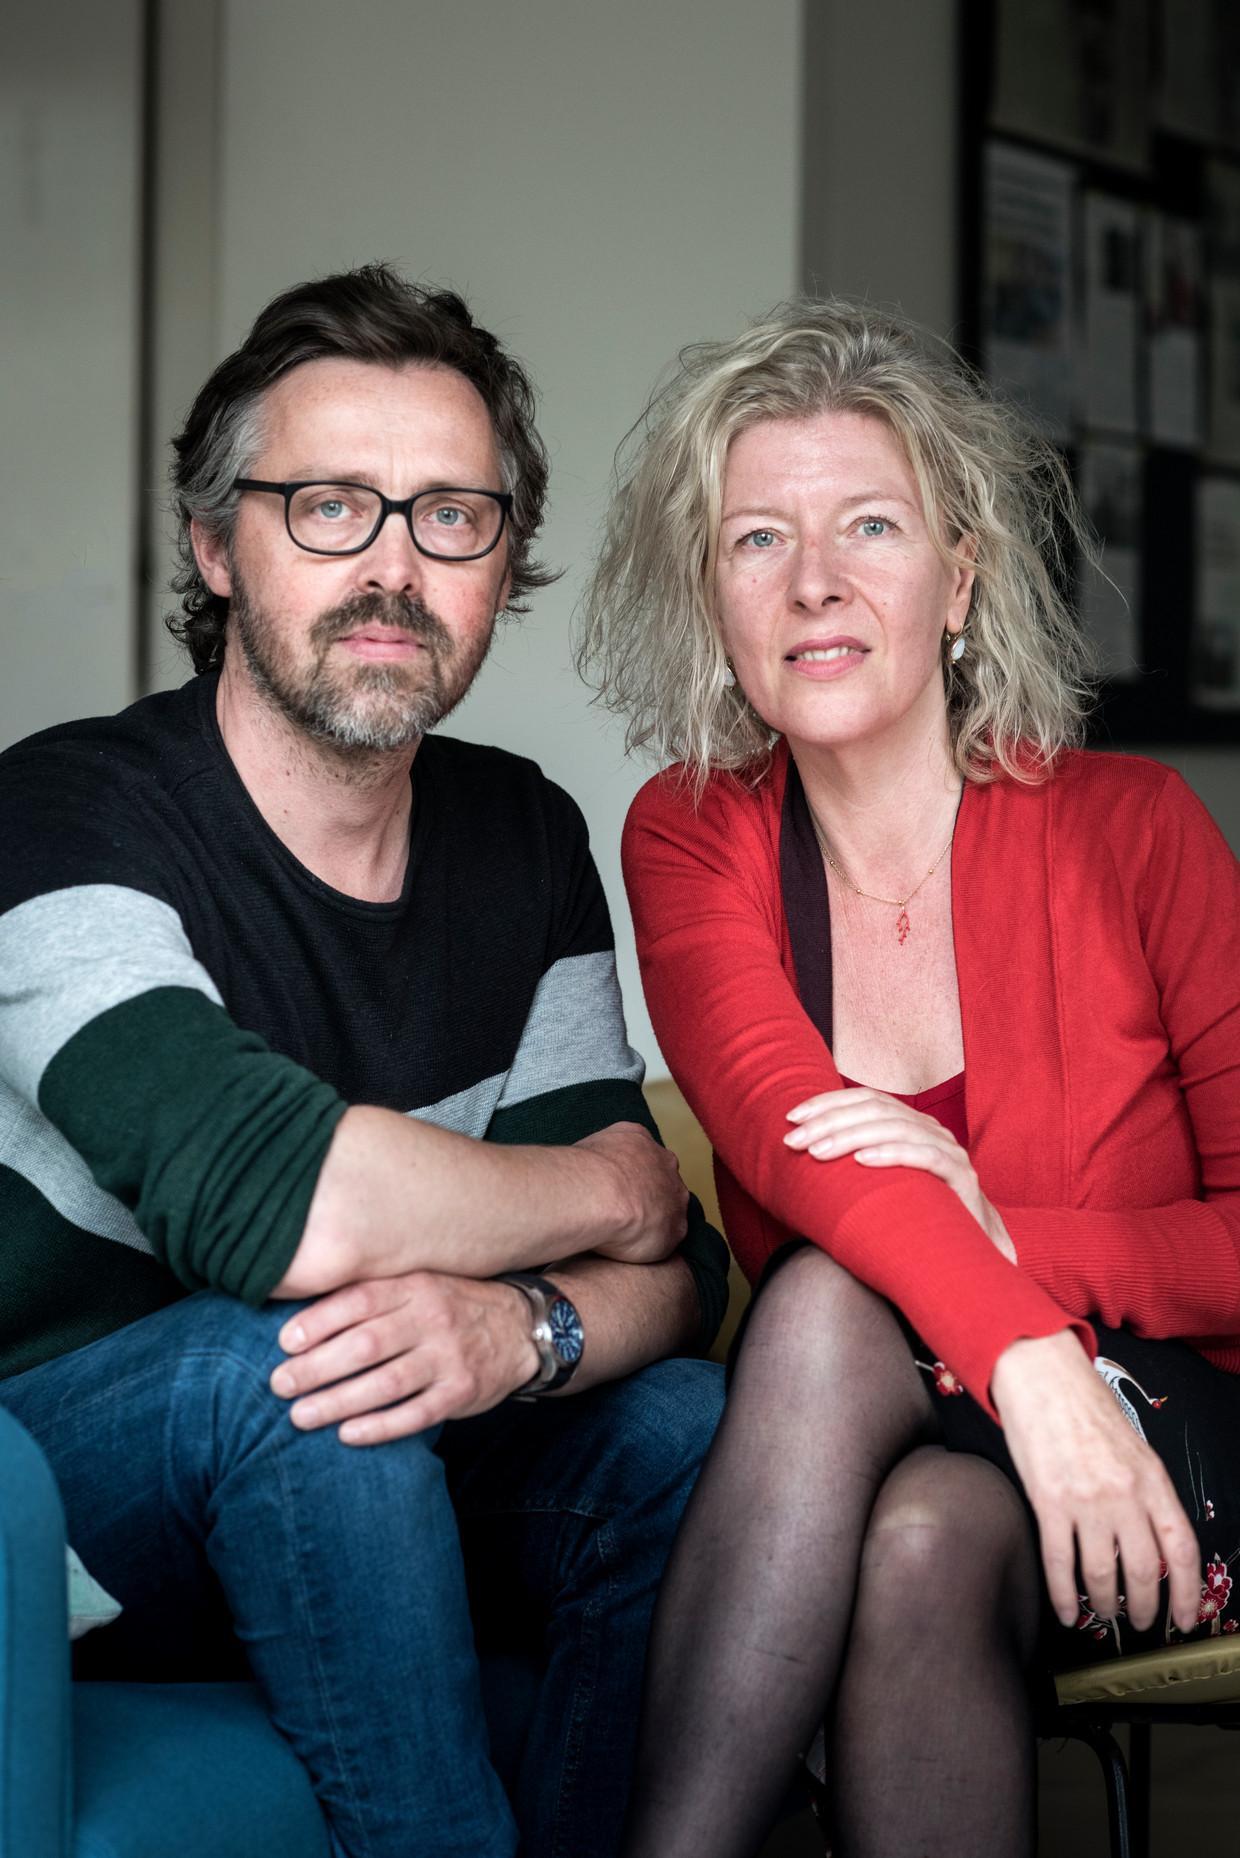 Menno Visser en Julia von Graevenitz.  Beeld Linelle Deunk